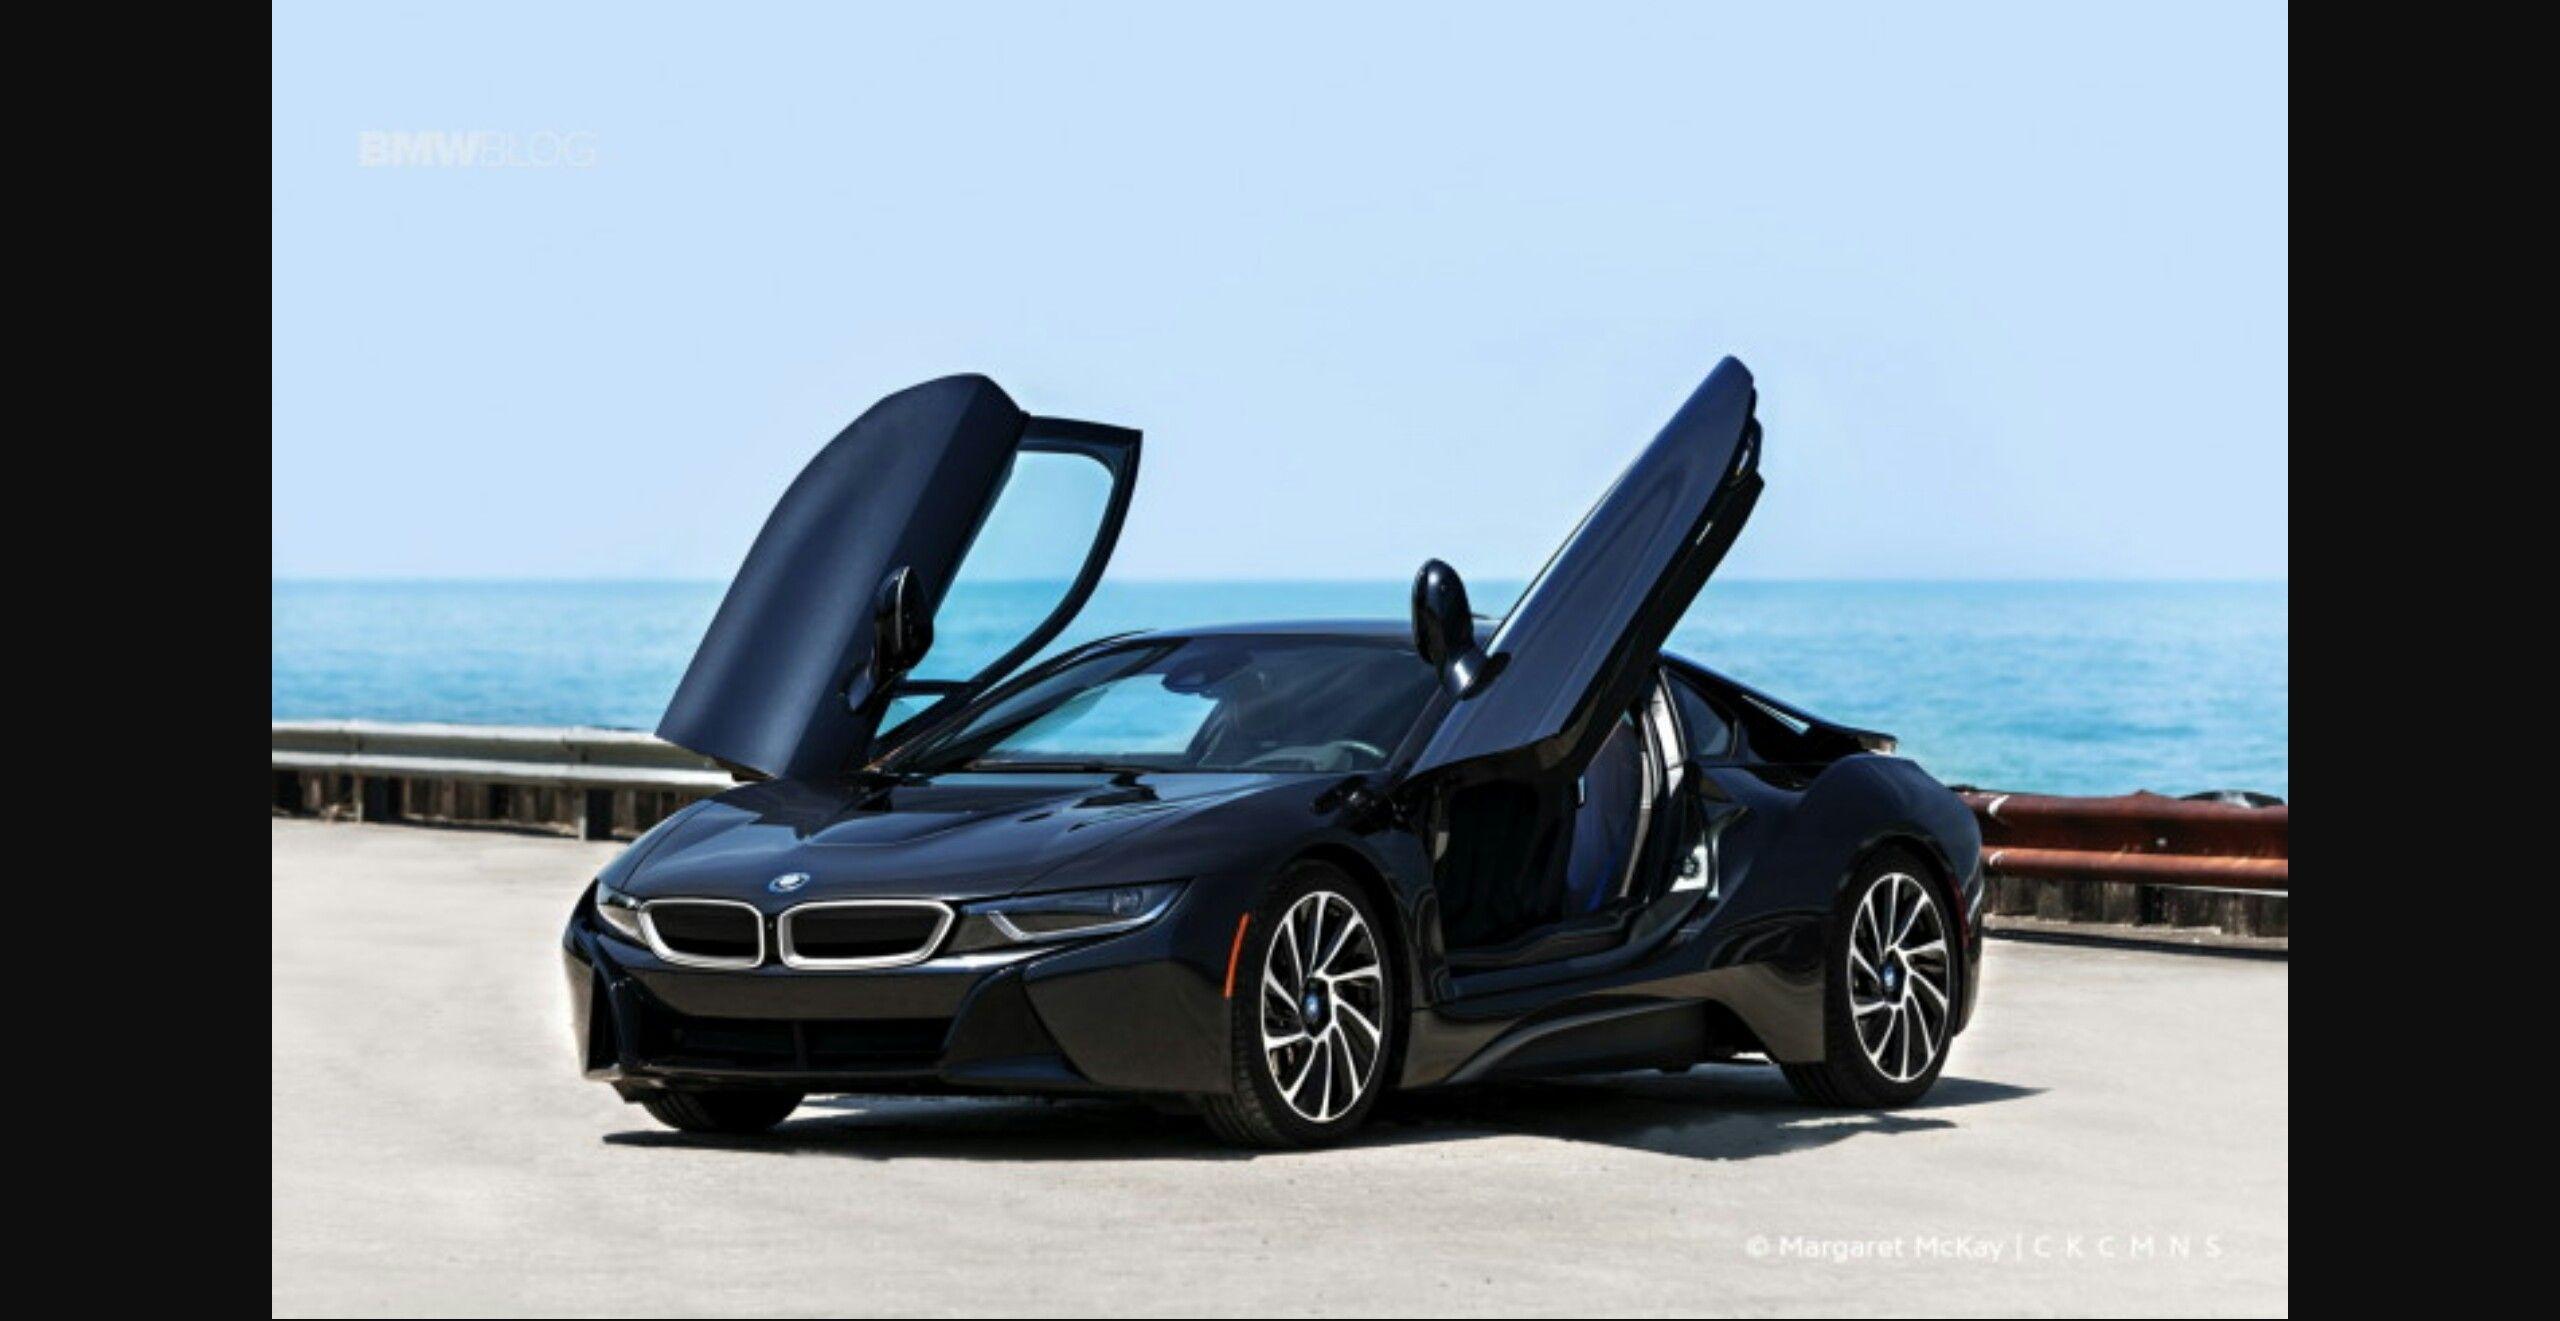 BMW i8 Bmw i8, Bmw, Bmw models